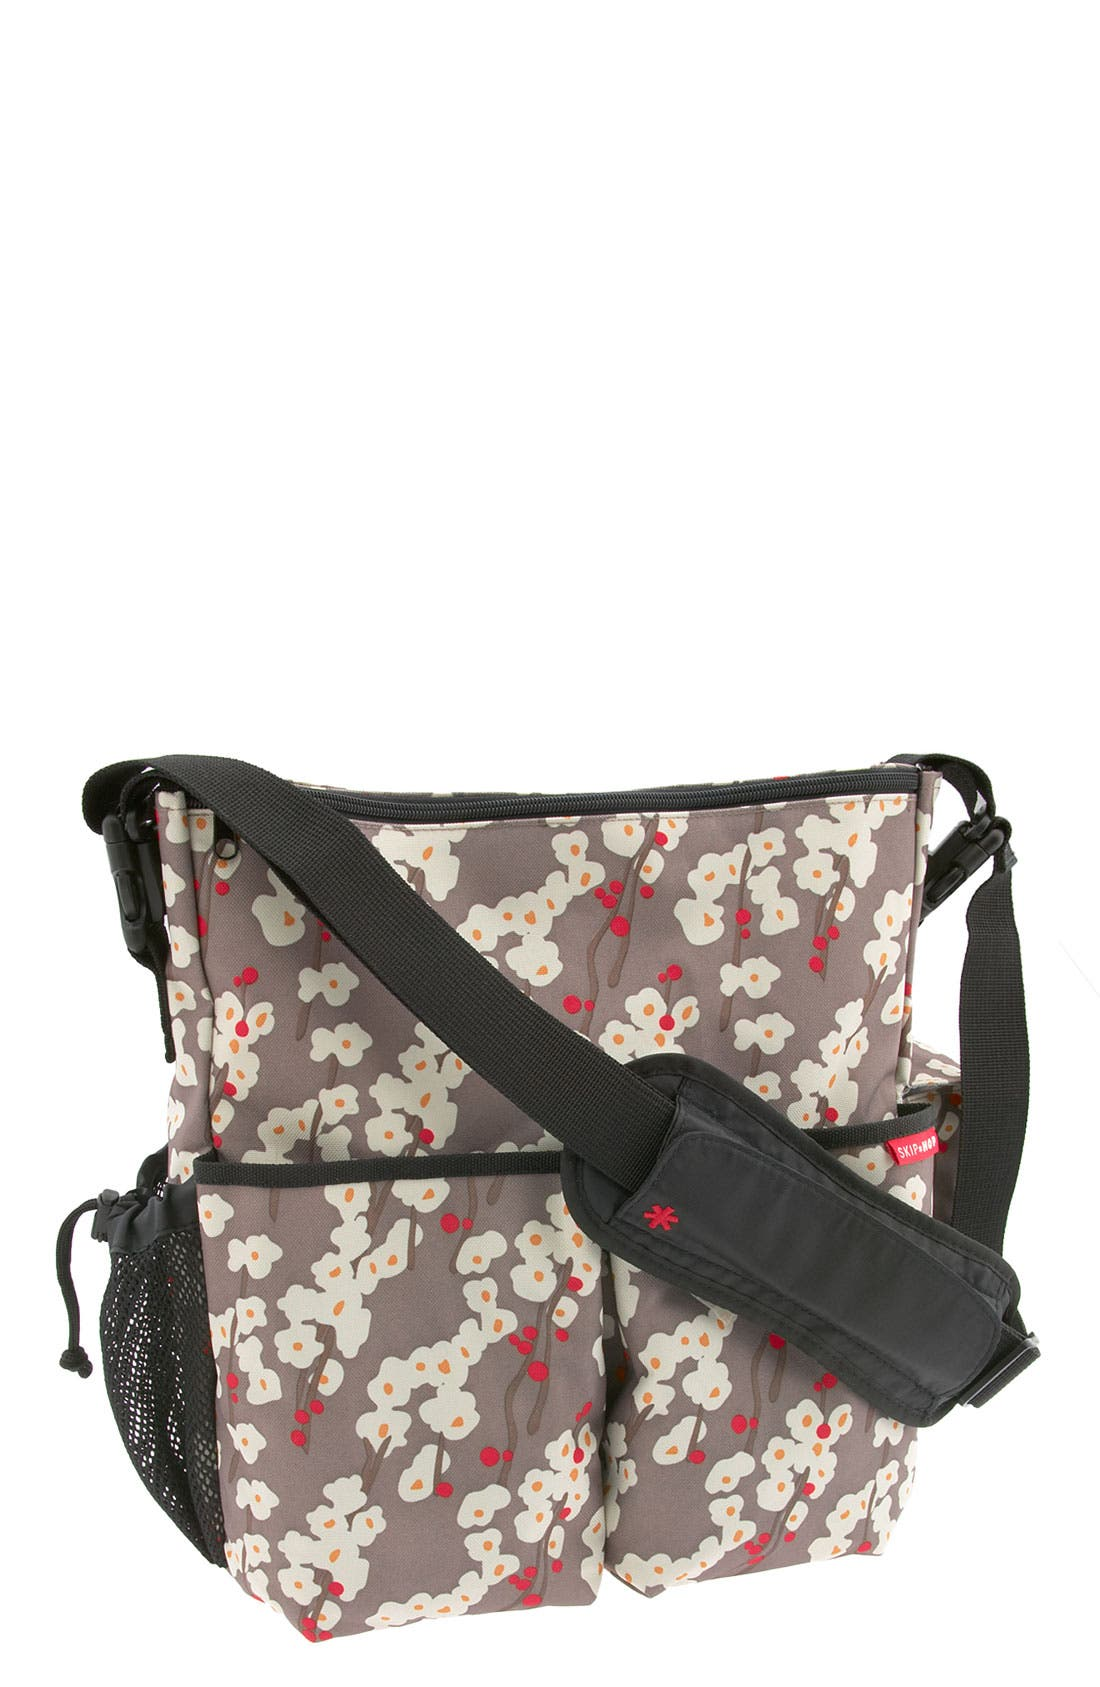 Main Image - Skip Hop 'Duo' Diaper Bag (Deluxe Edition)